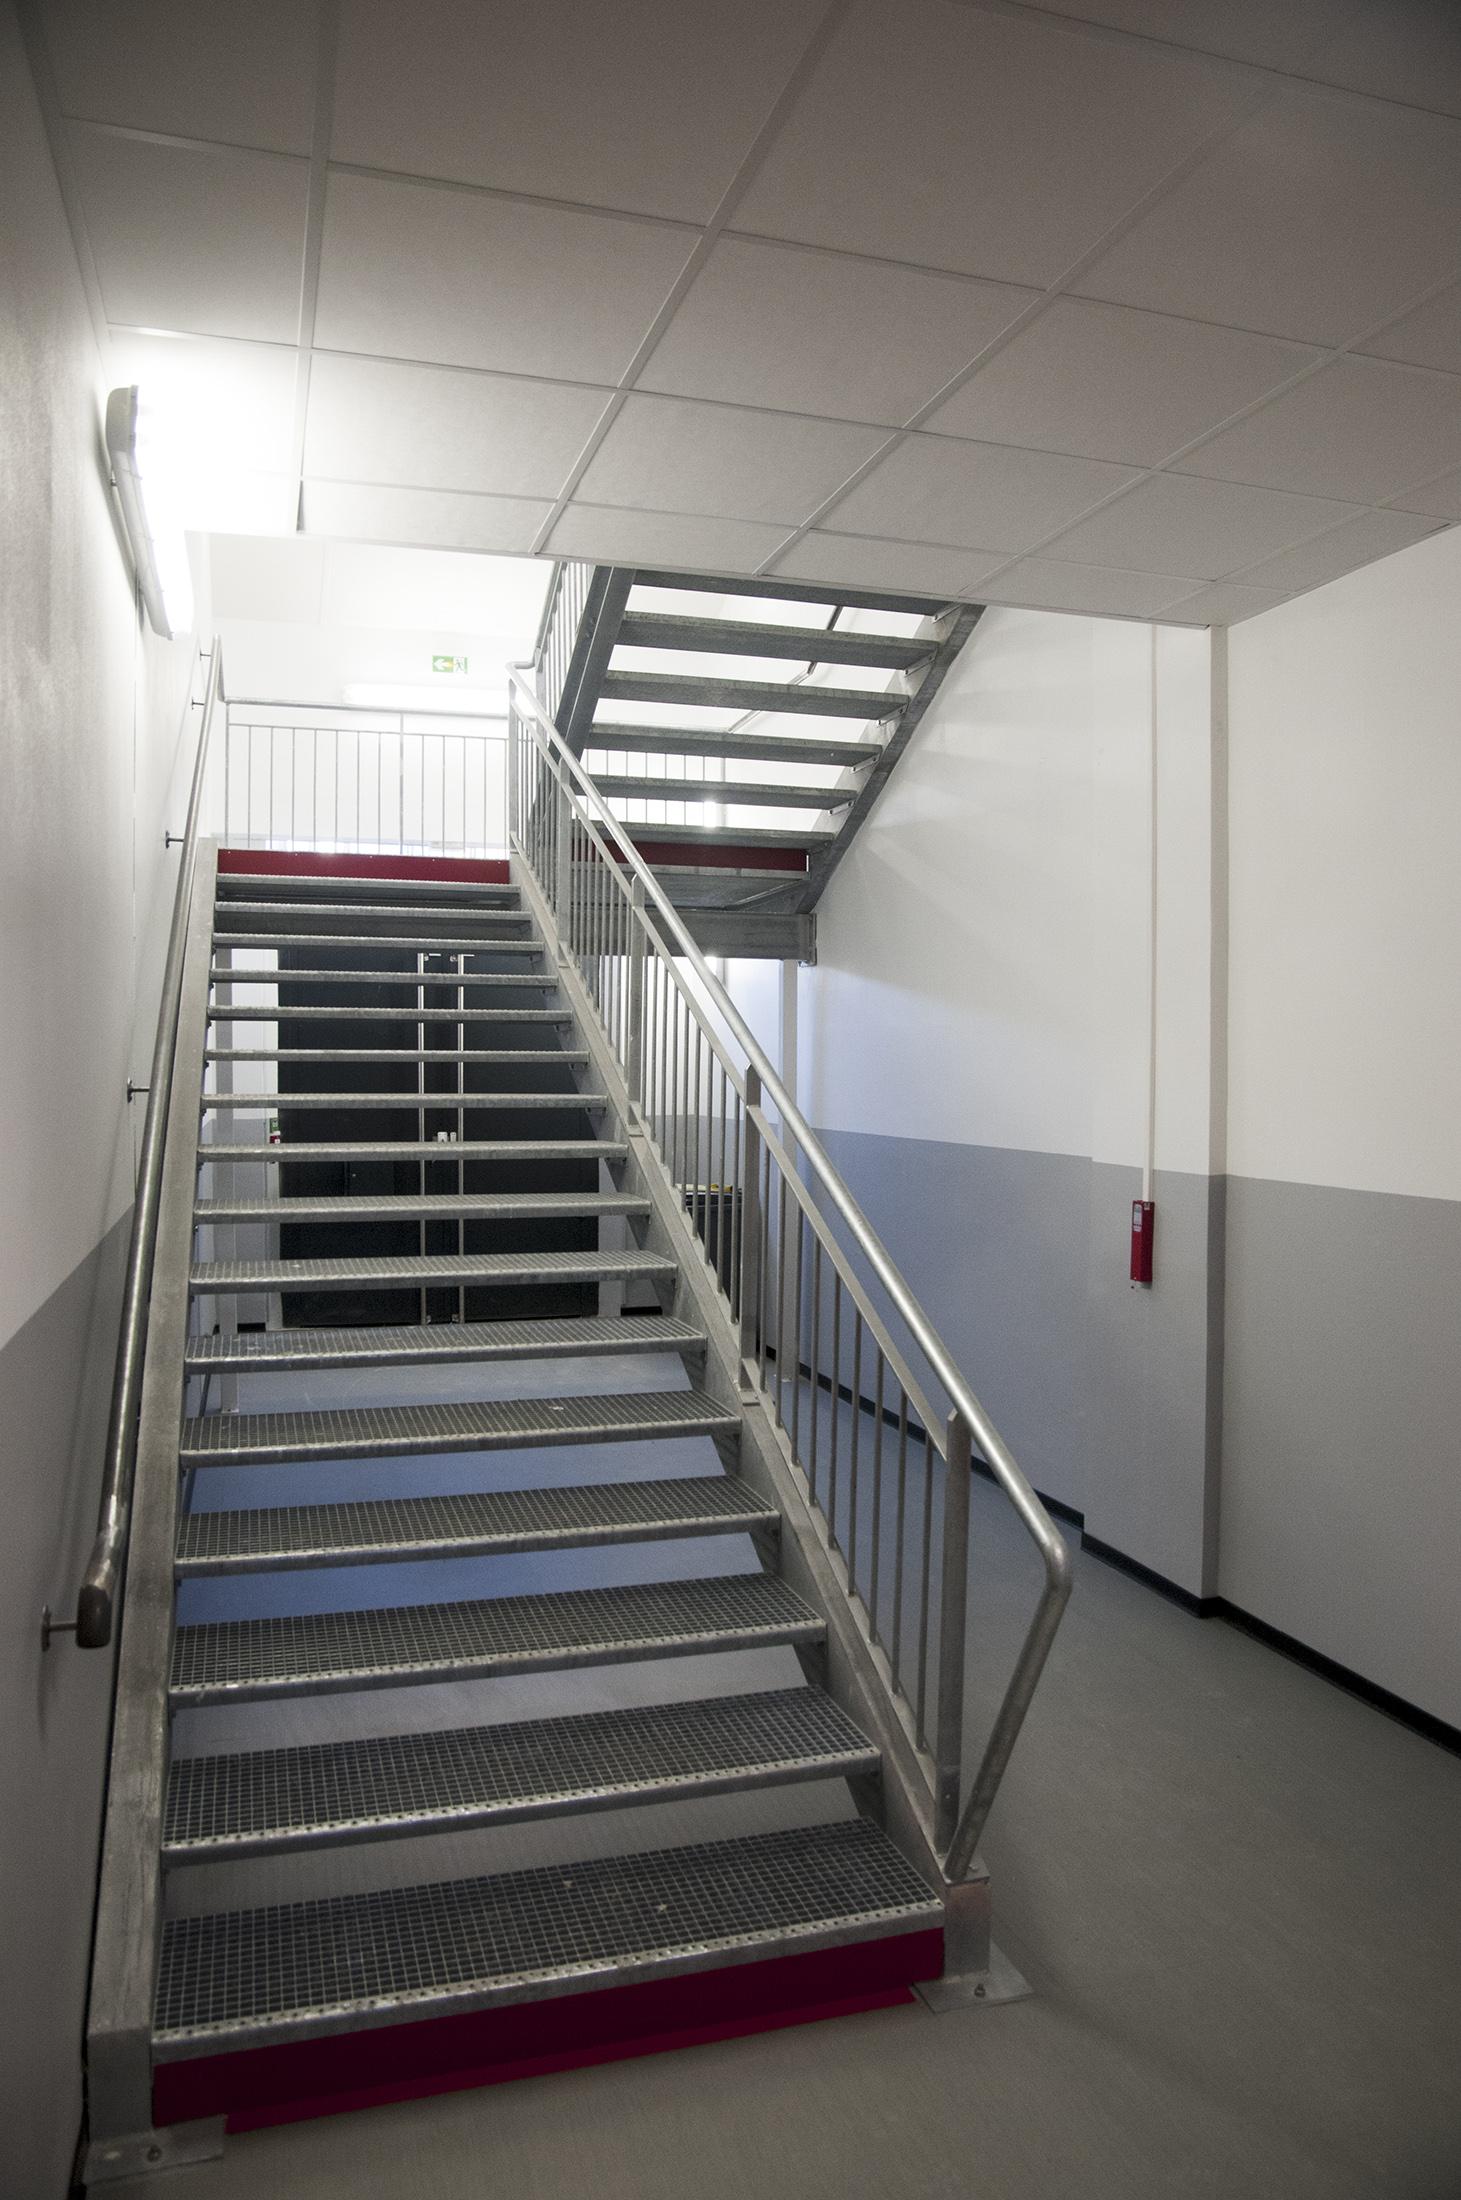 Chouette architecture - réhabilitation Halle 38 Dijon - 2200 19